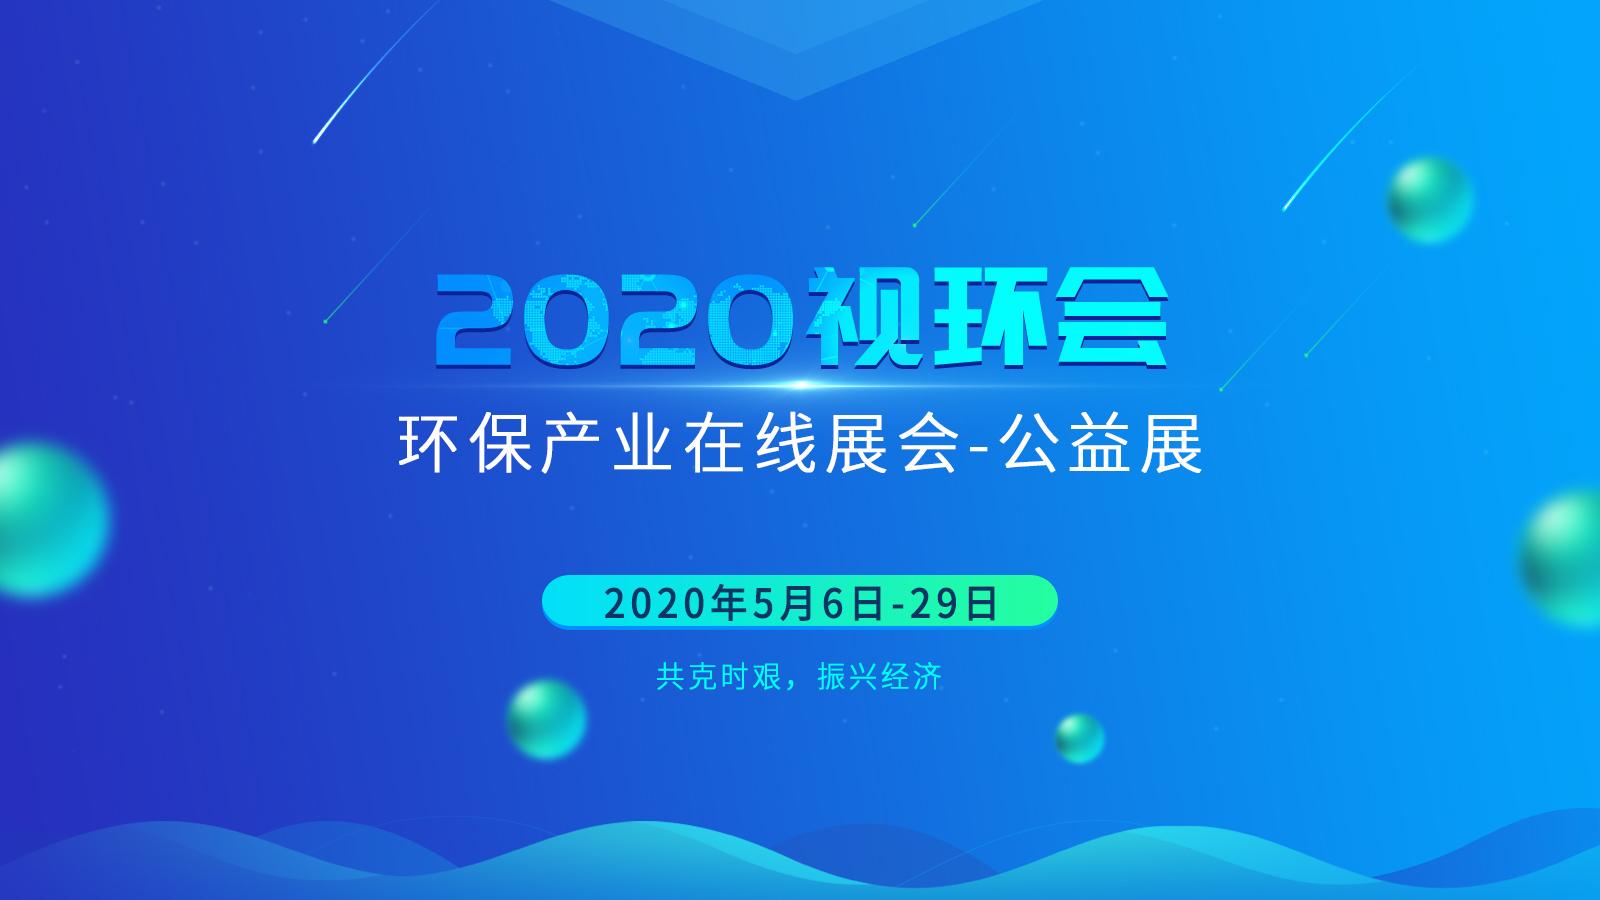 2020视环会·环保产业在线展览会-公益展开幕式